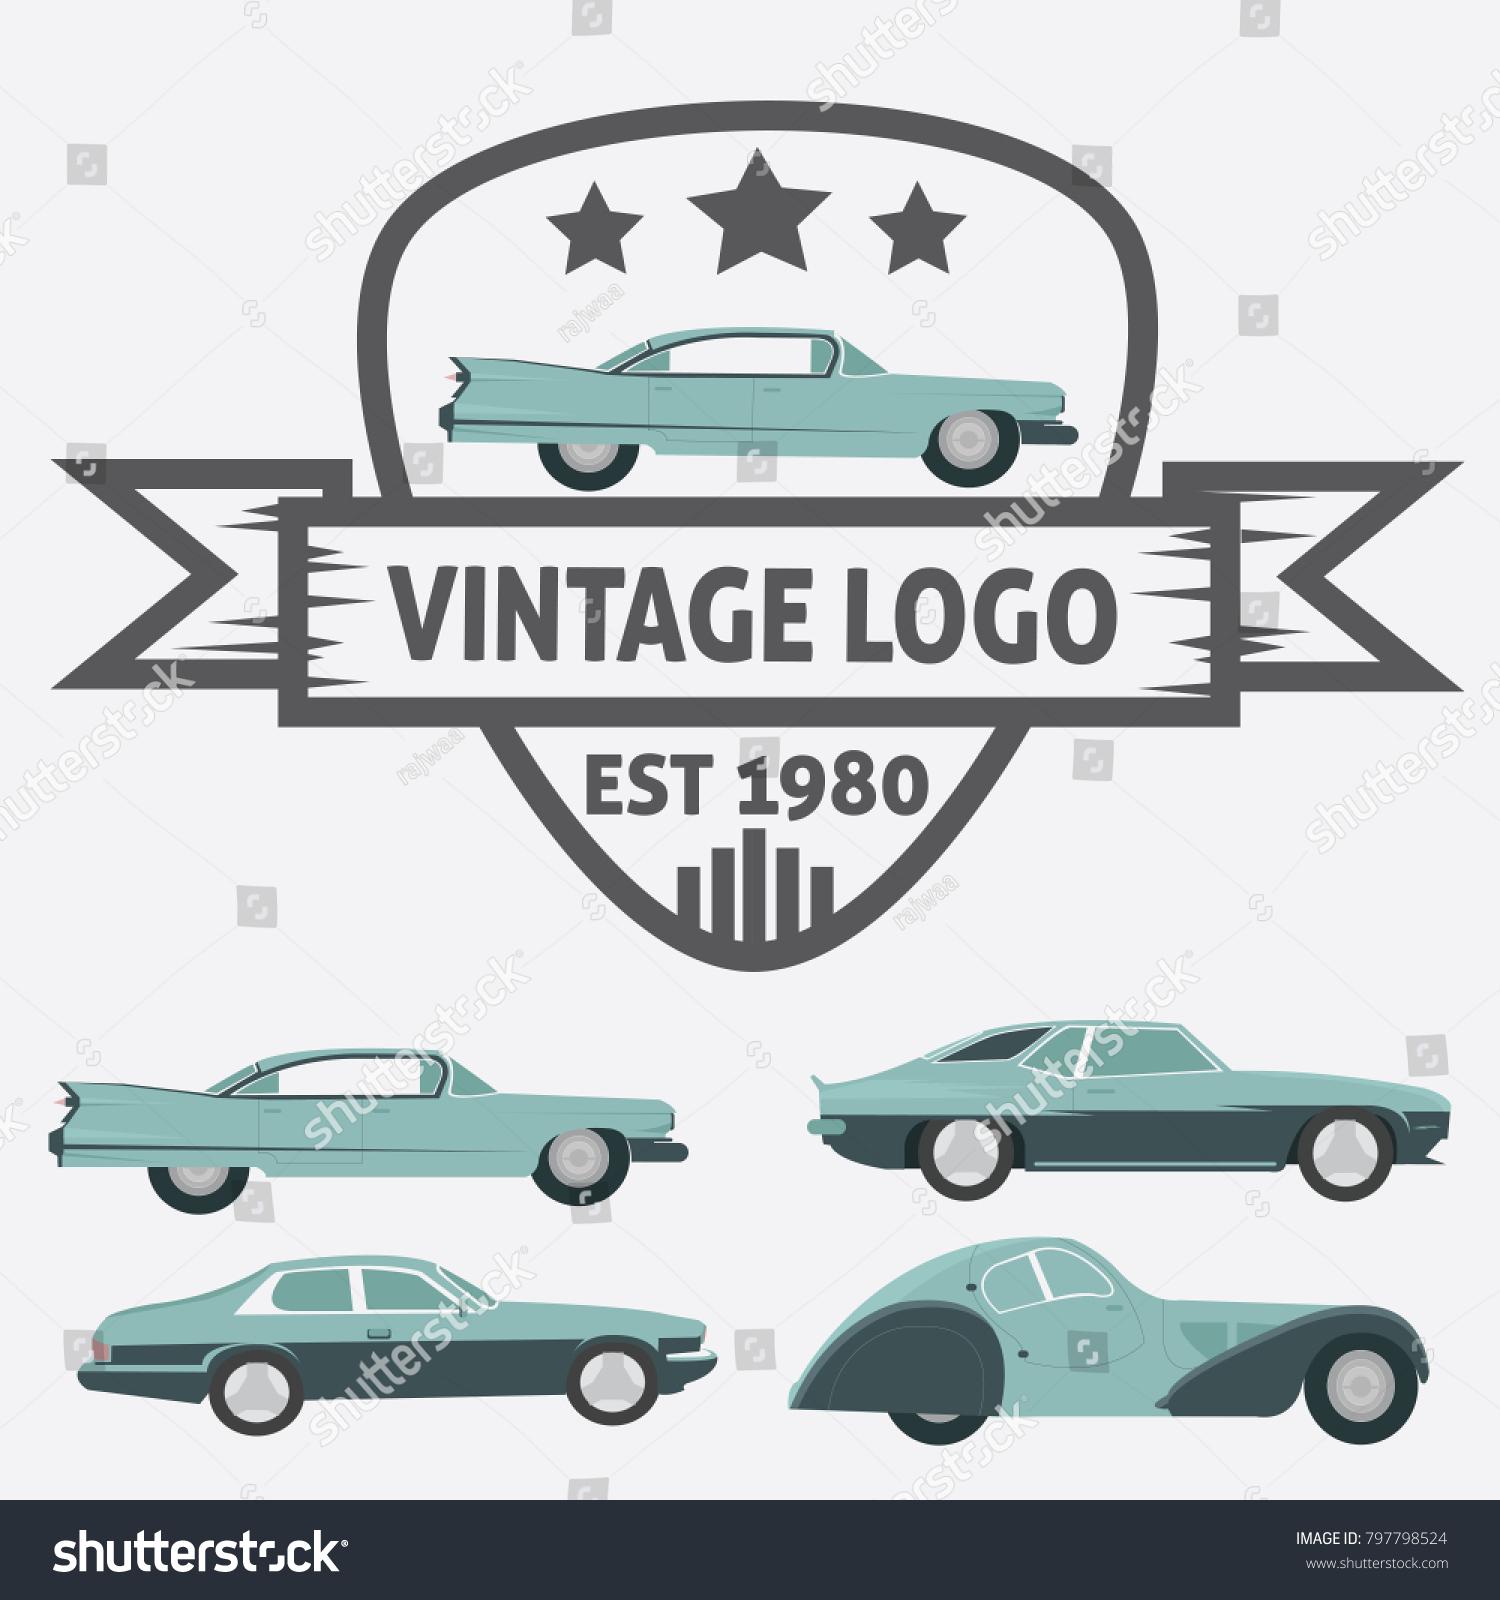 Car Vintage Logo Your Logo Retro Stock Vector 797798524 - Shutterstock